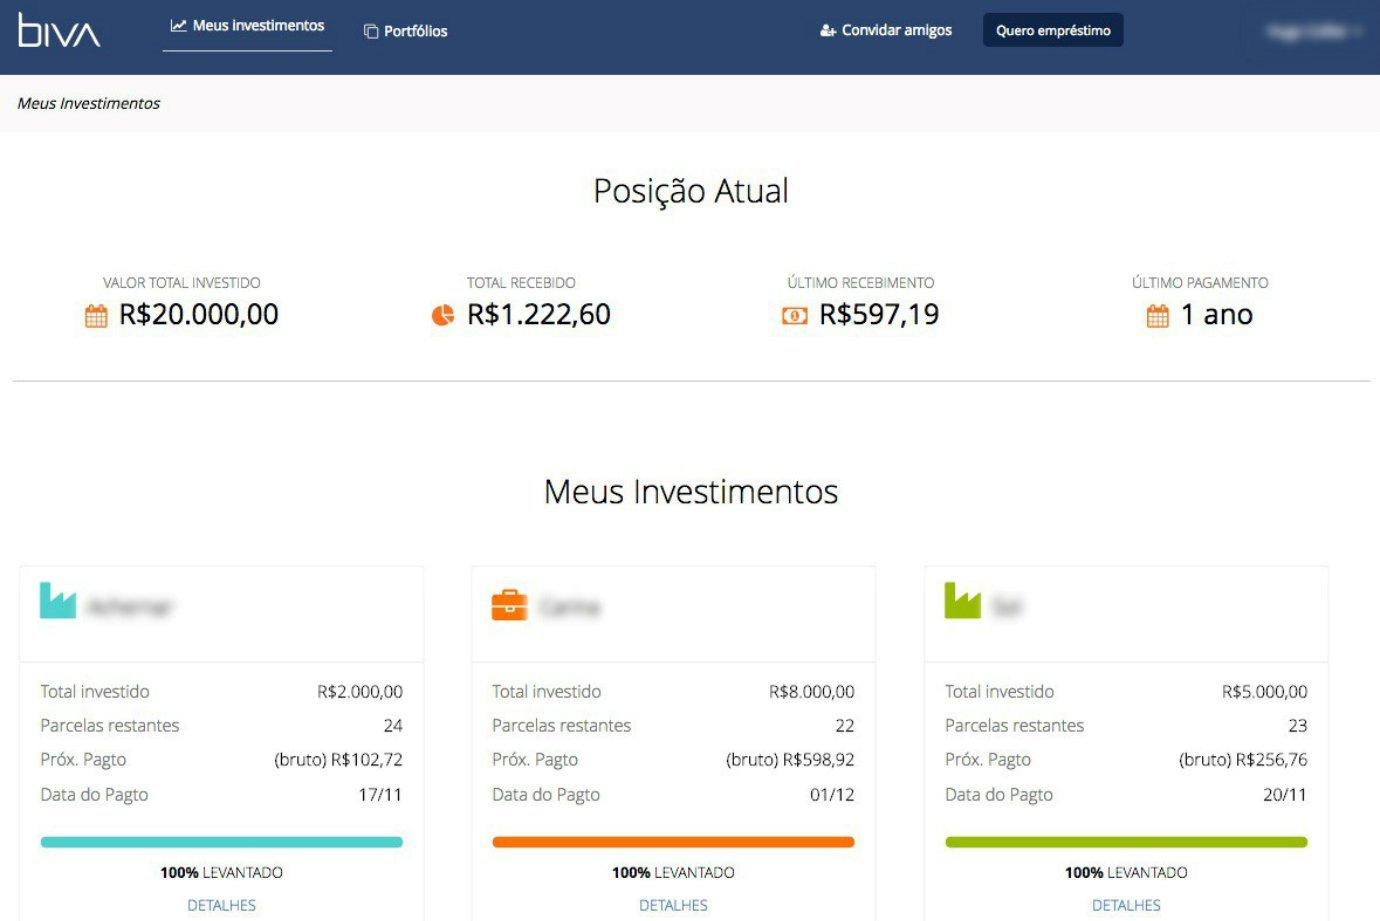 Tela de reprodução da Biva, no perfil de investidor